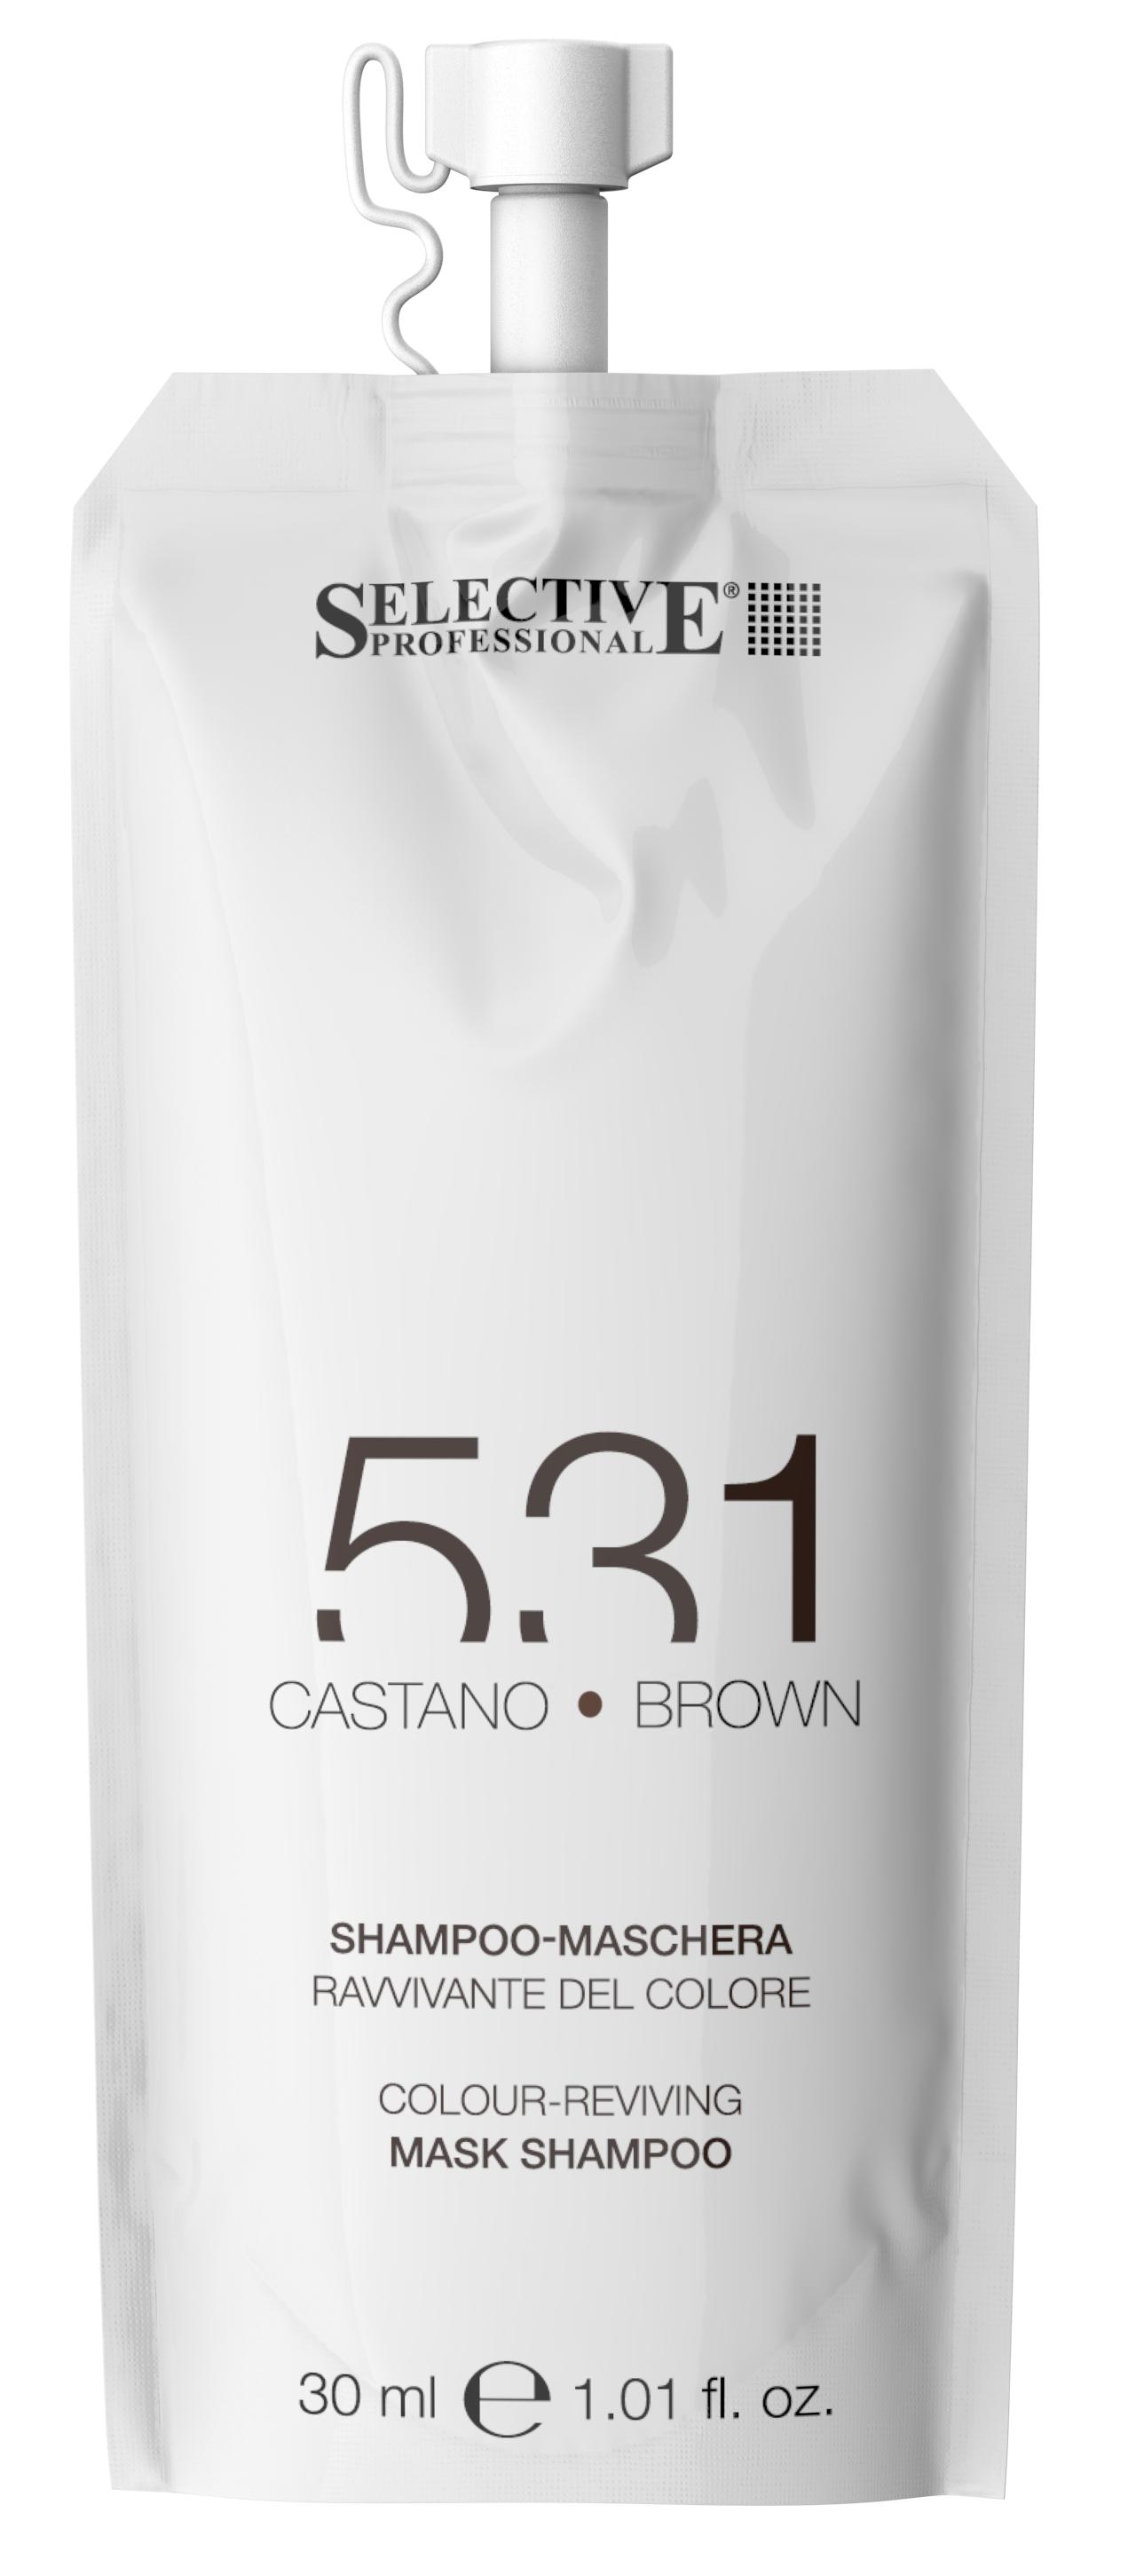 Купить SELECTIVE PROFESSIONAL Шампунь-маска для возобновления цвета волос 531, коричневый 30 мл